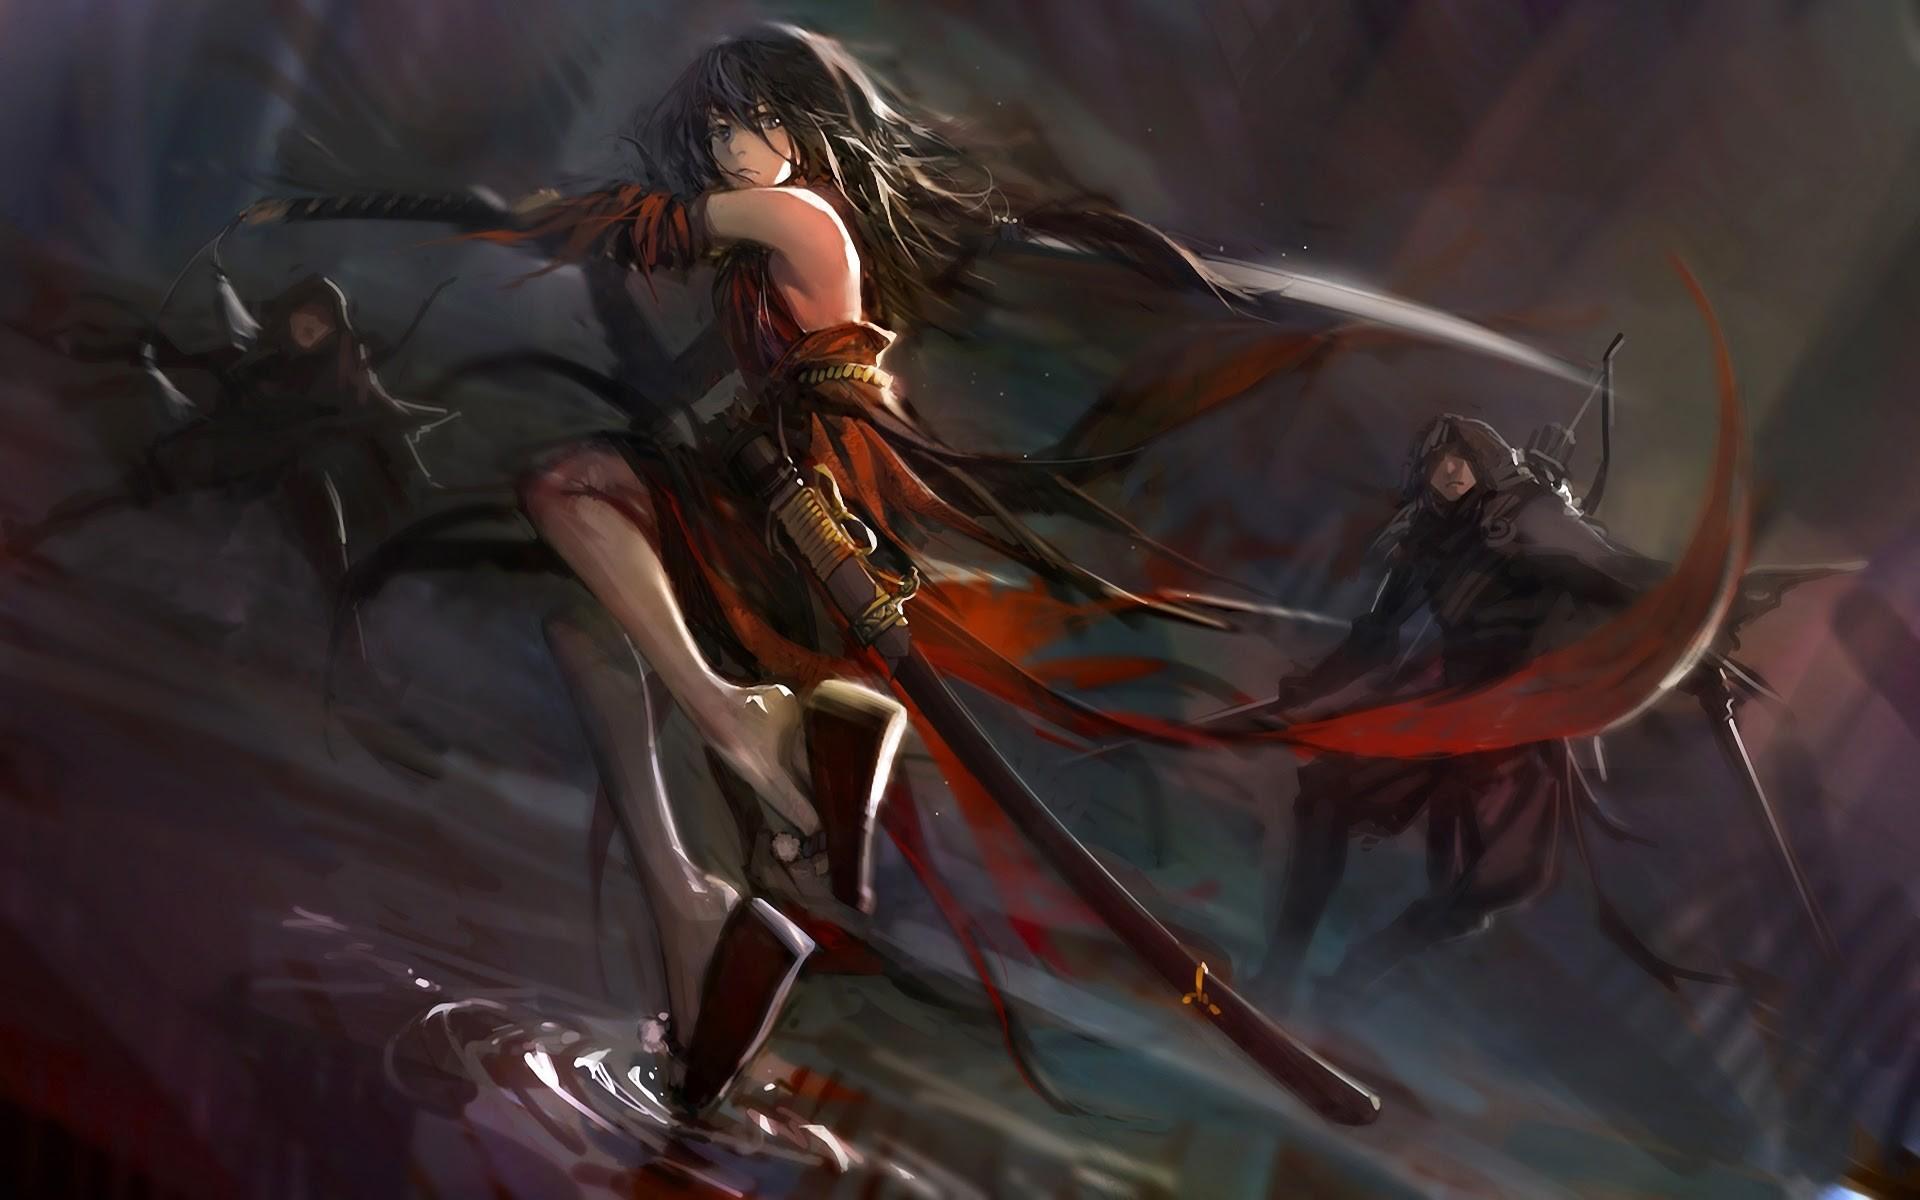 デスクトップ壁紙 アニメの女の子 カタナ 元の文字 悪魔 射手